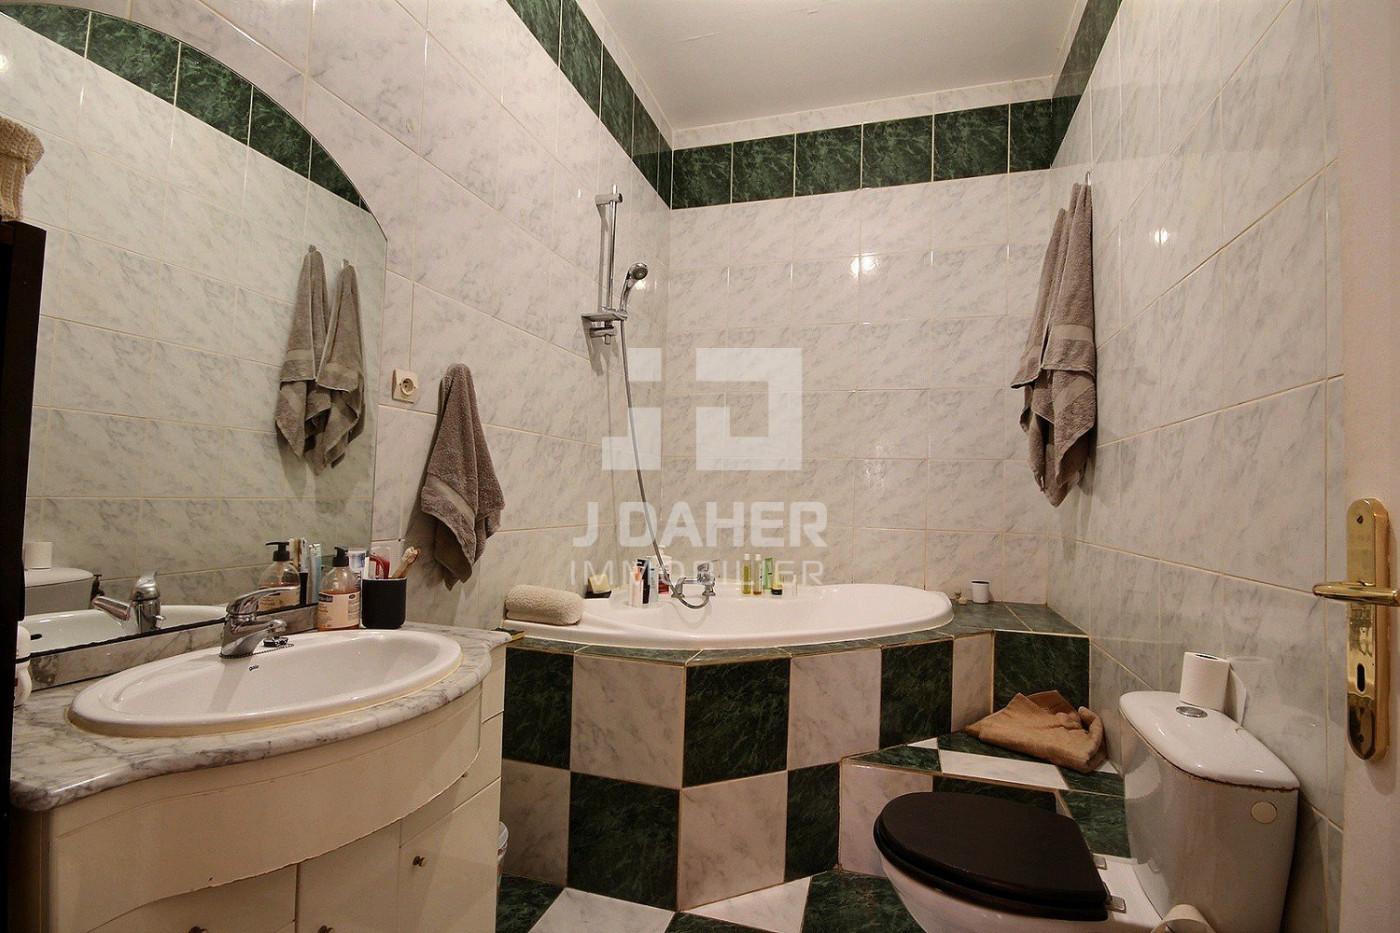 A vendre Marseille 8eme Arrondissement 13025961 J daher immobilier